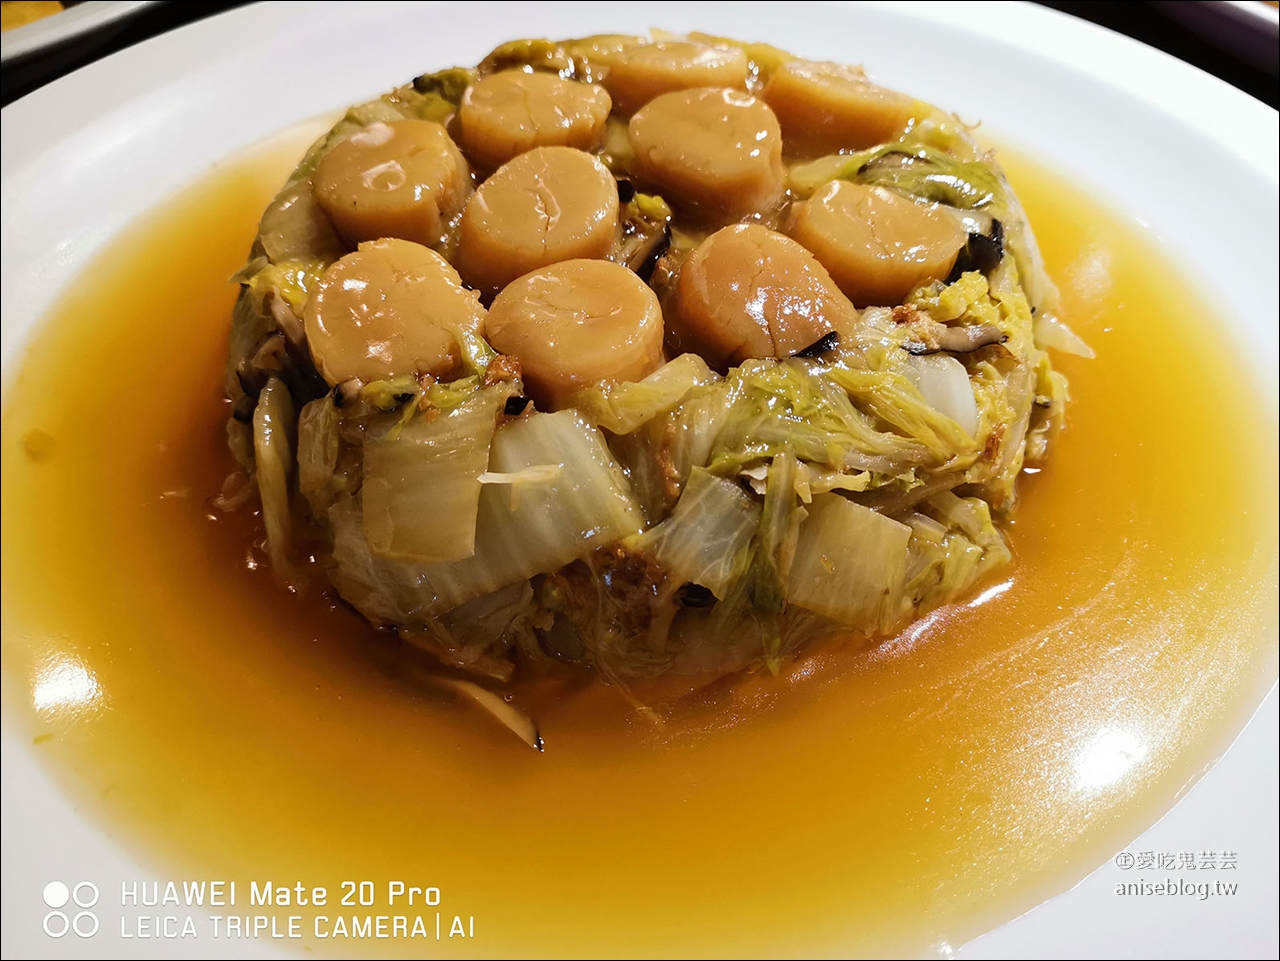 大三元酒樓 |  金門高粱酒星級盛宴 (1/31止),金門高粱 x 米其林餐廳